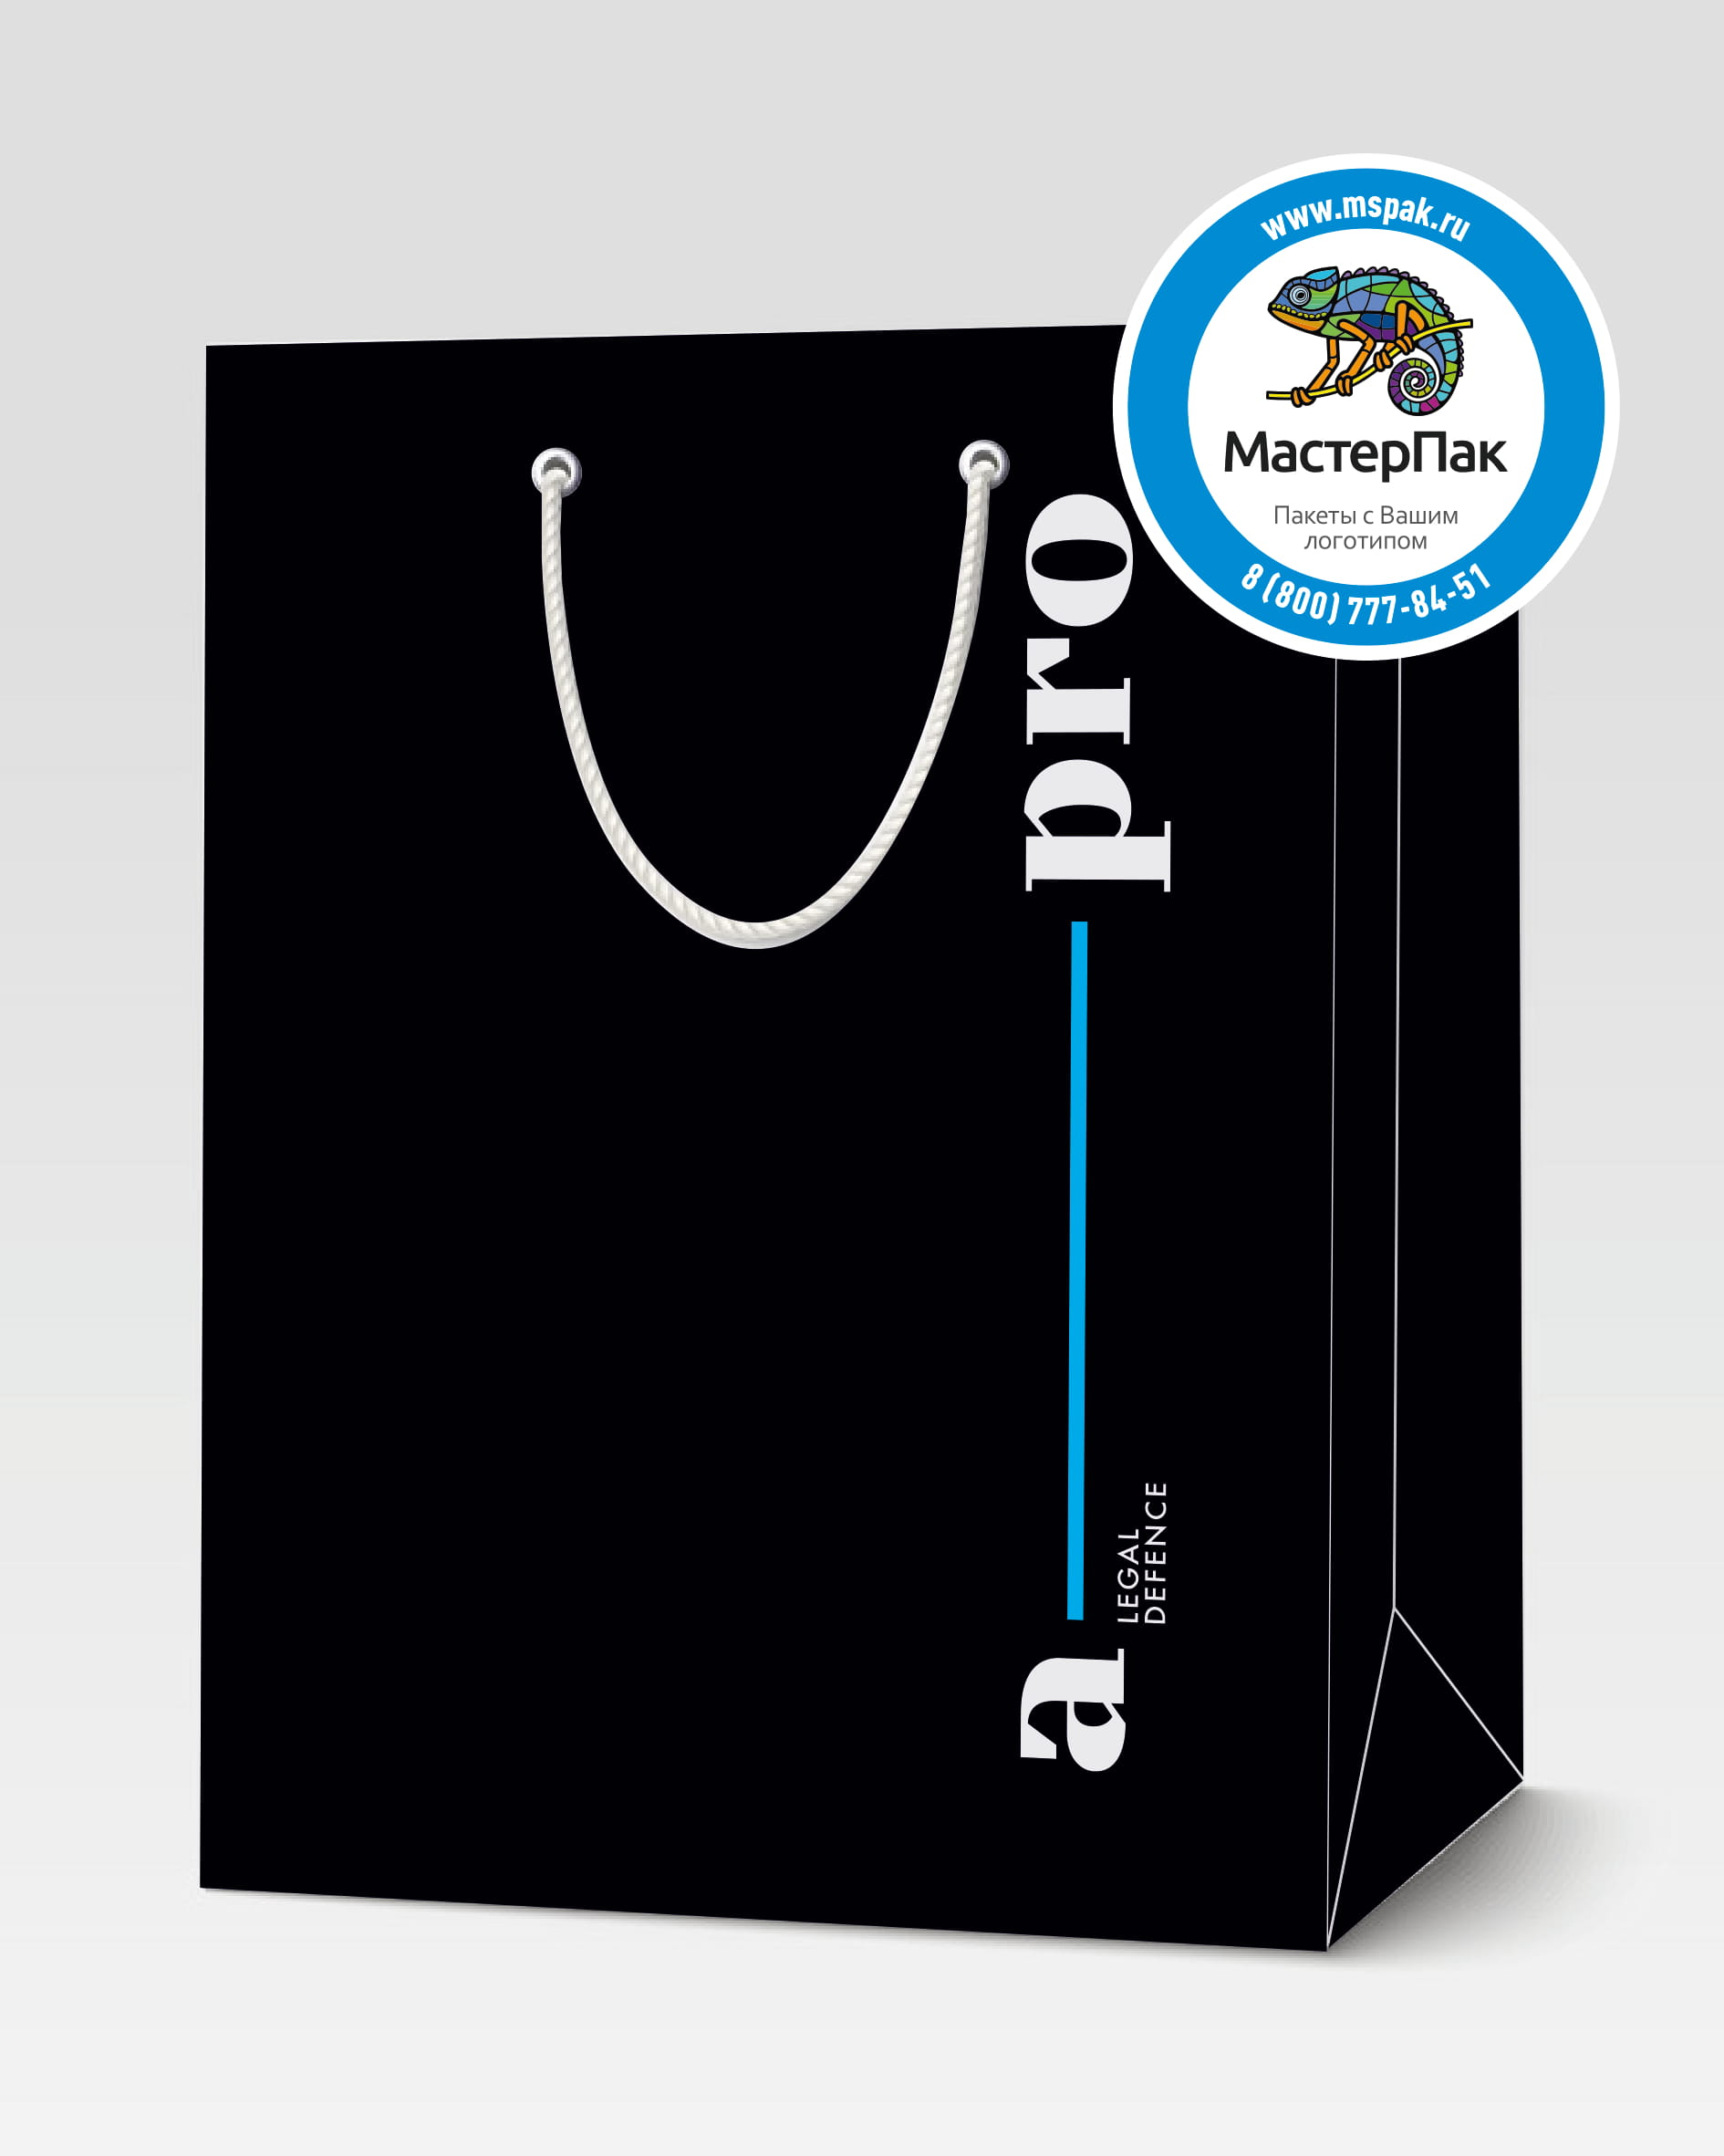 Пакет подарочный, бумажный с логотипом A pro, Москва, ручки-шнурки